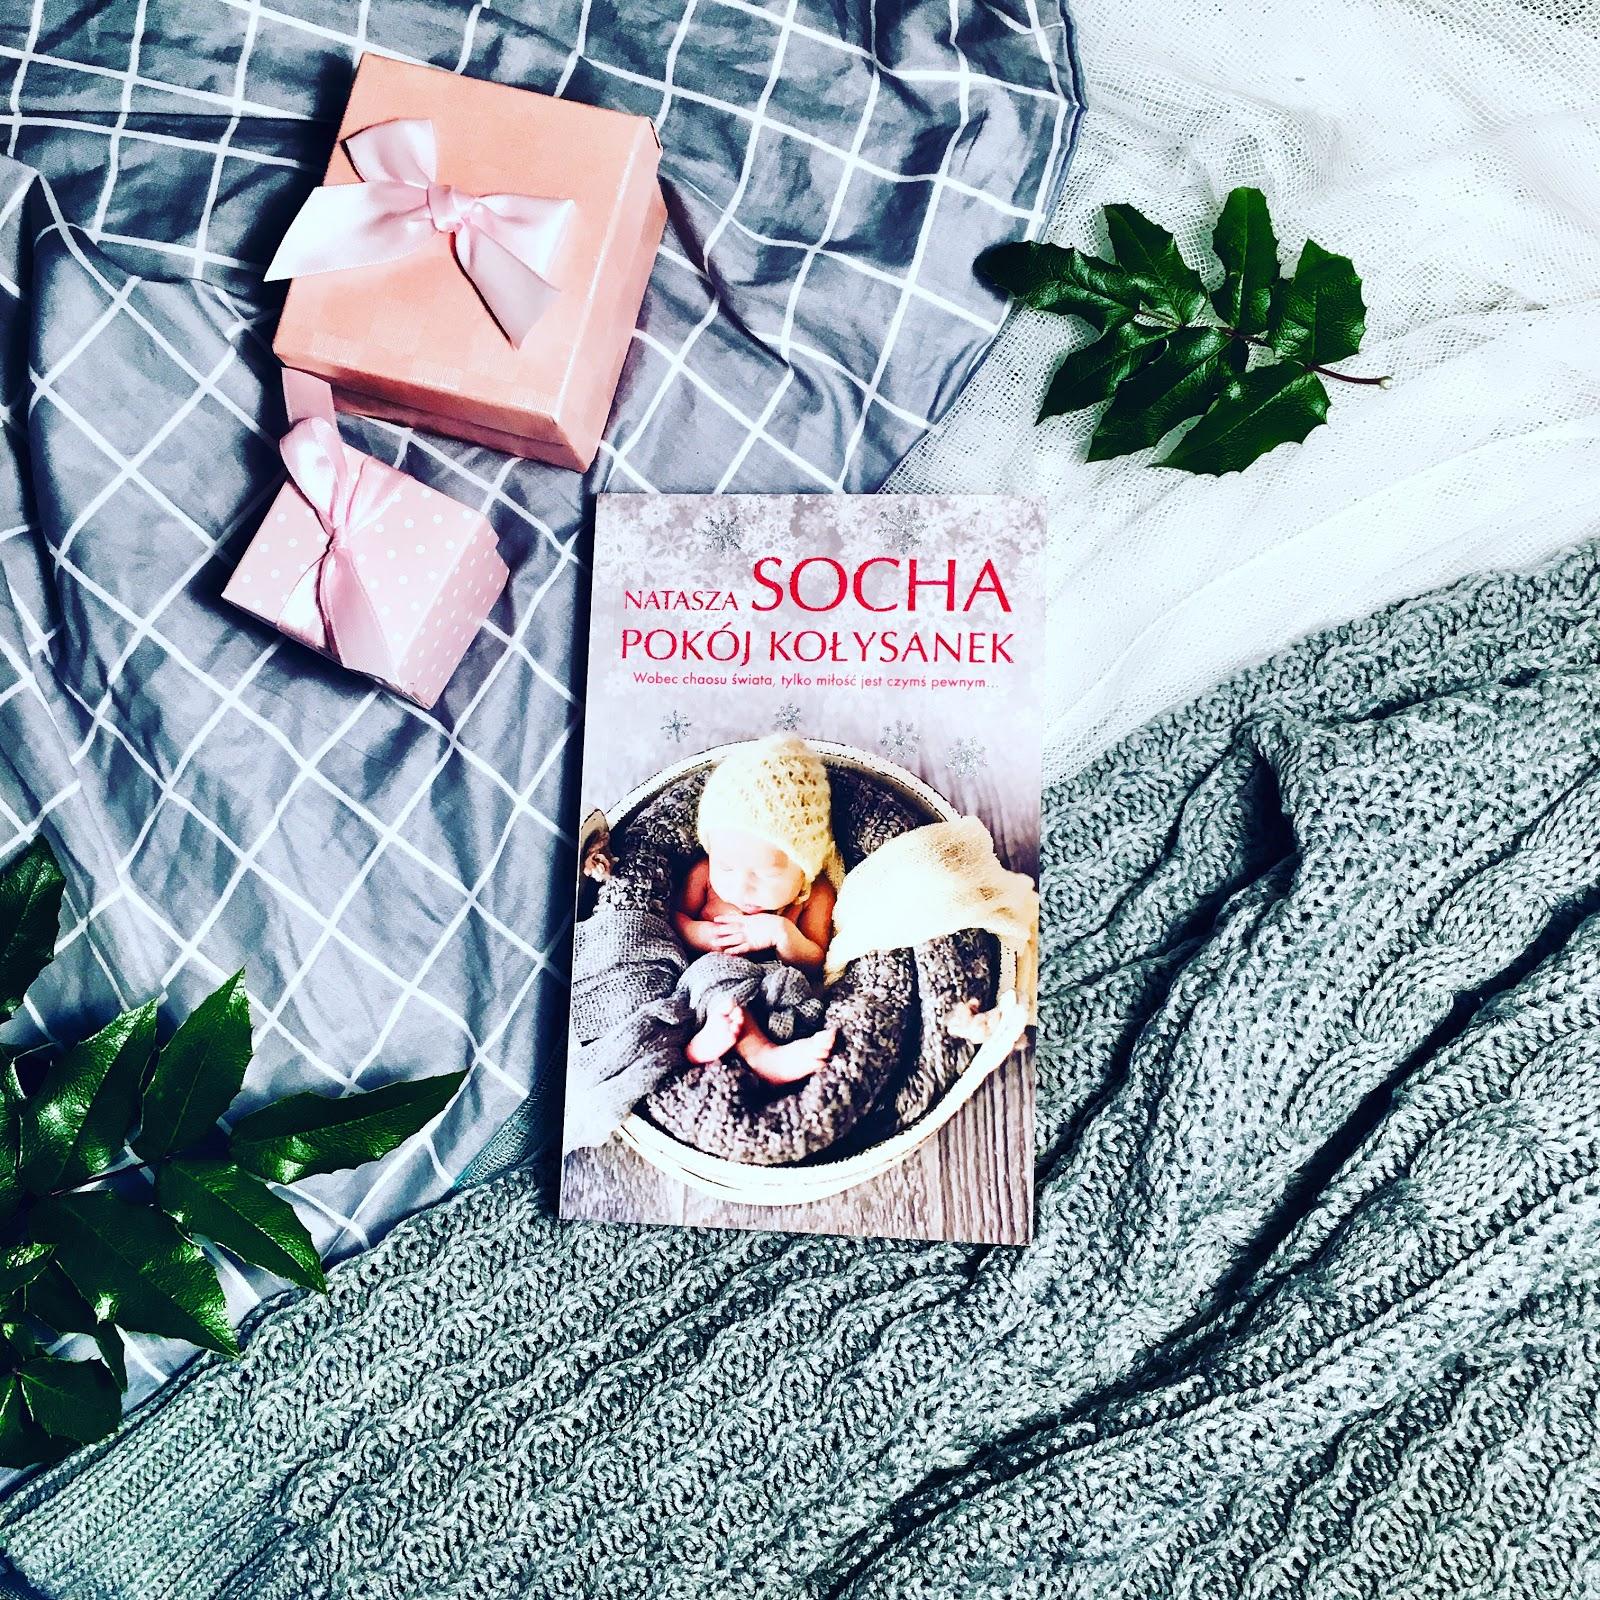 Pokój kołysanek – Natasza Socha. Magia wigilijnej nocy?